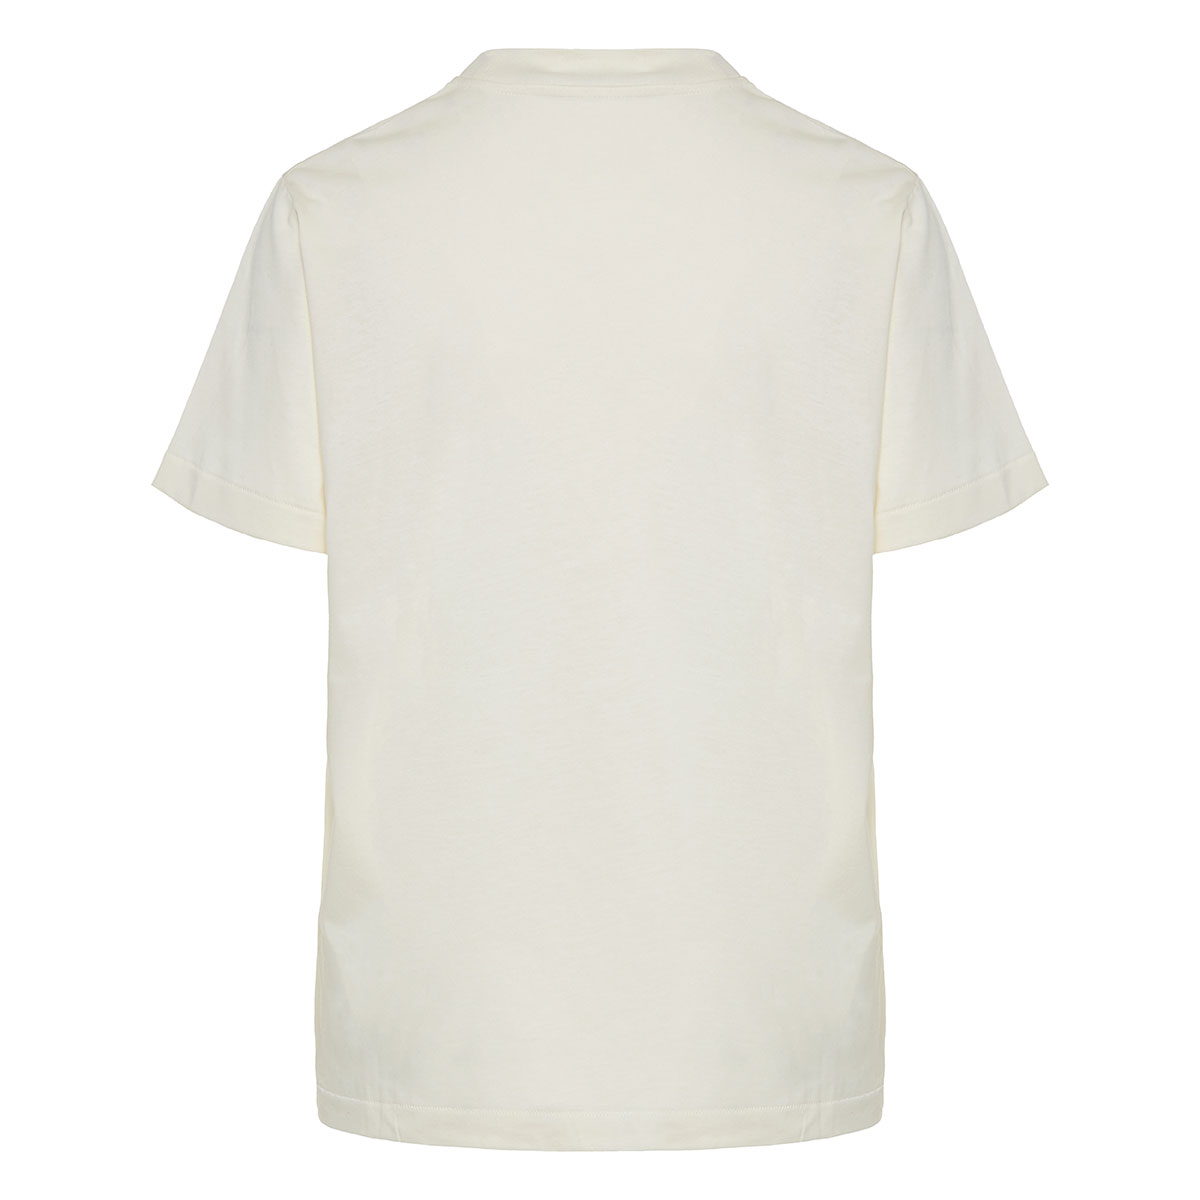 2d0a6dc39cd22a Gucci Tennis oversized t-shirt | LuisaWorld